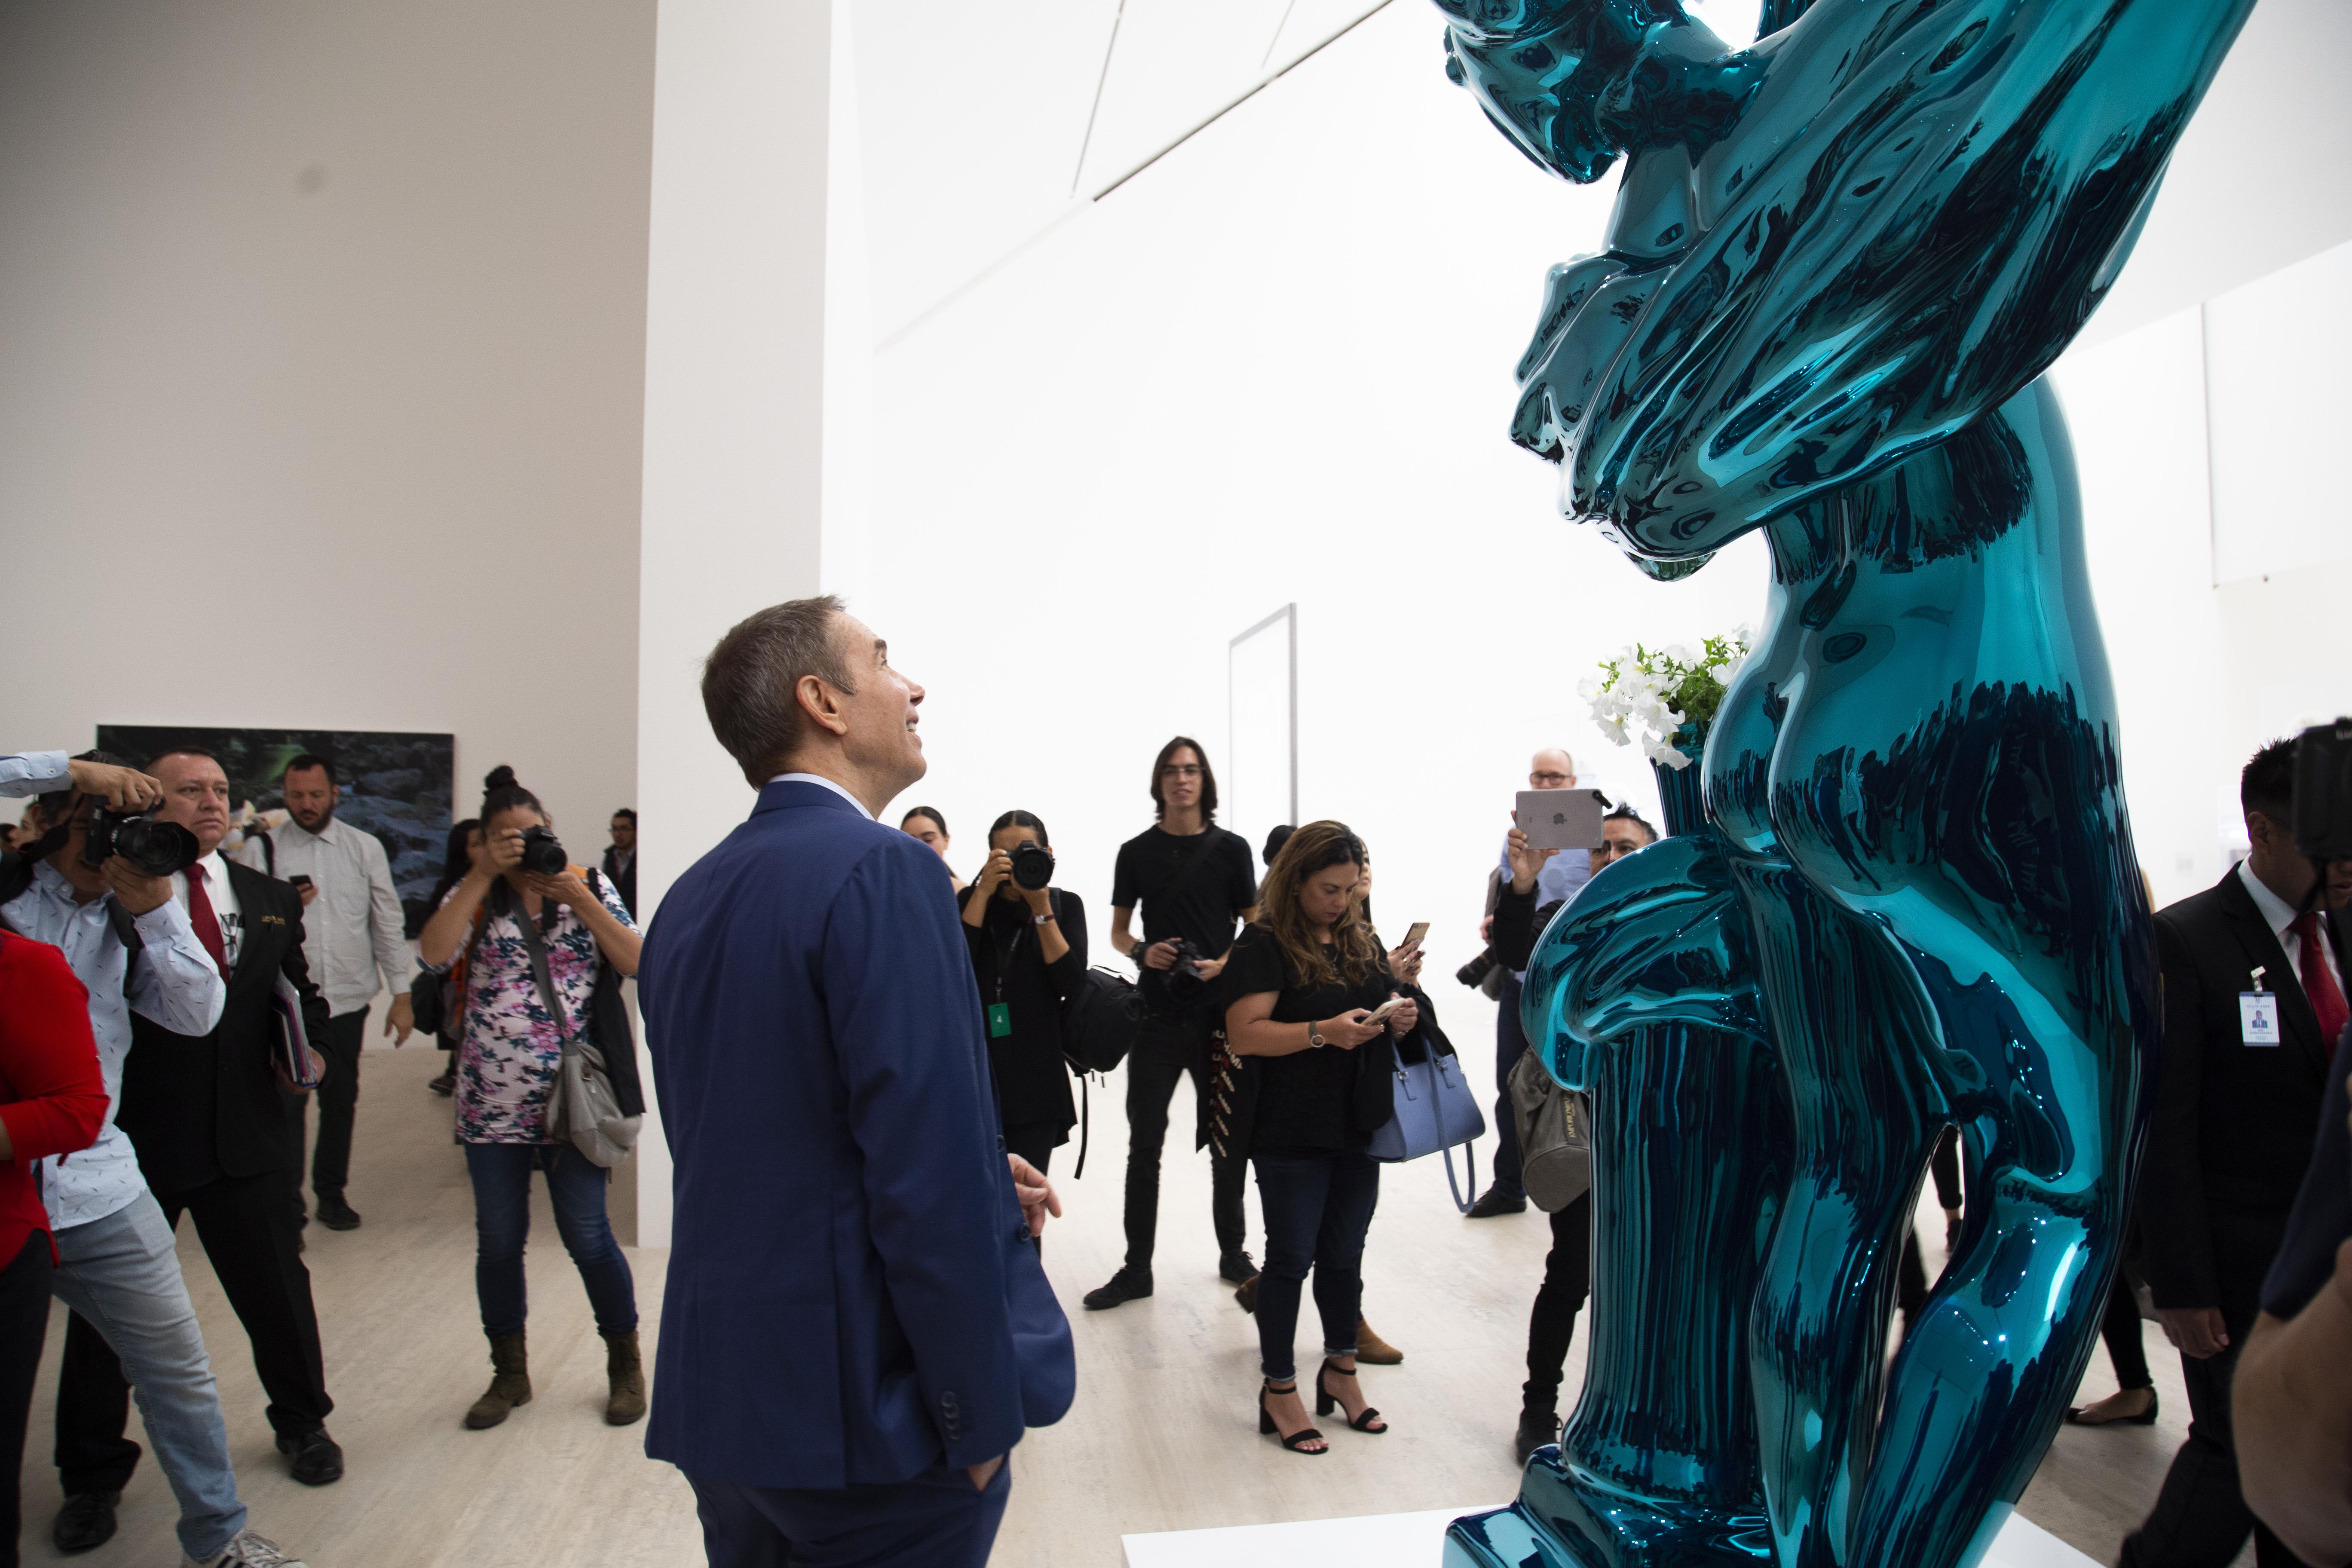 Jeff Koons frente a Metallic Venus. Fotografía de Nigorette.